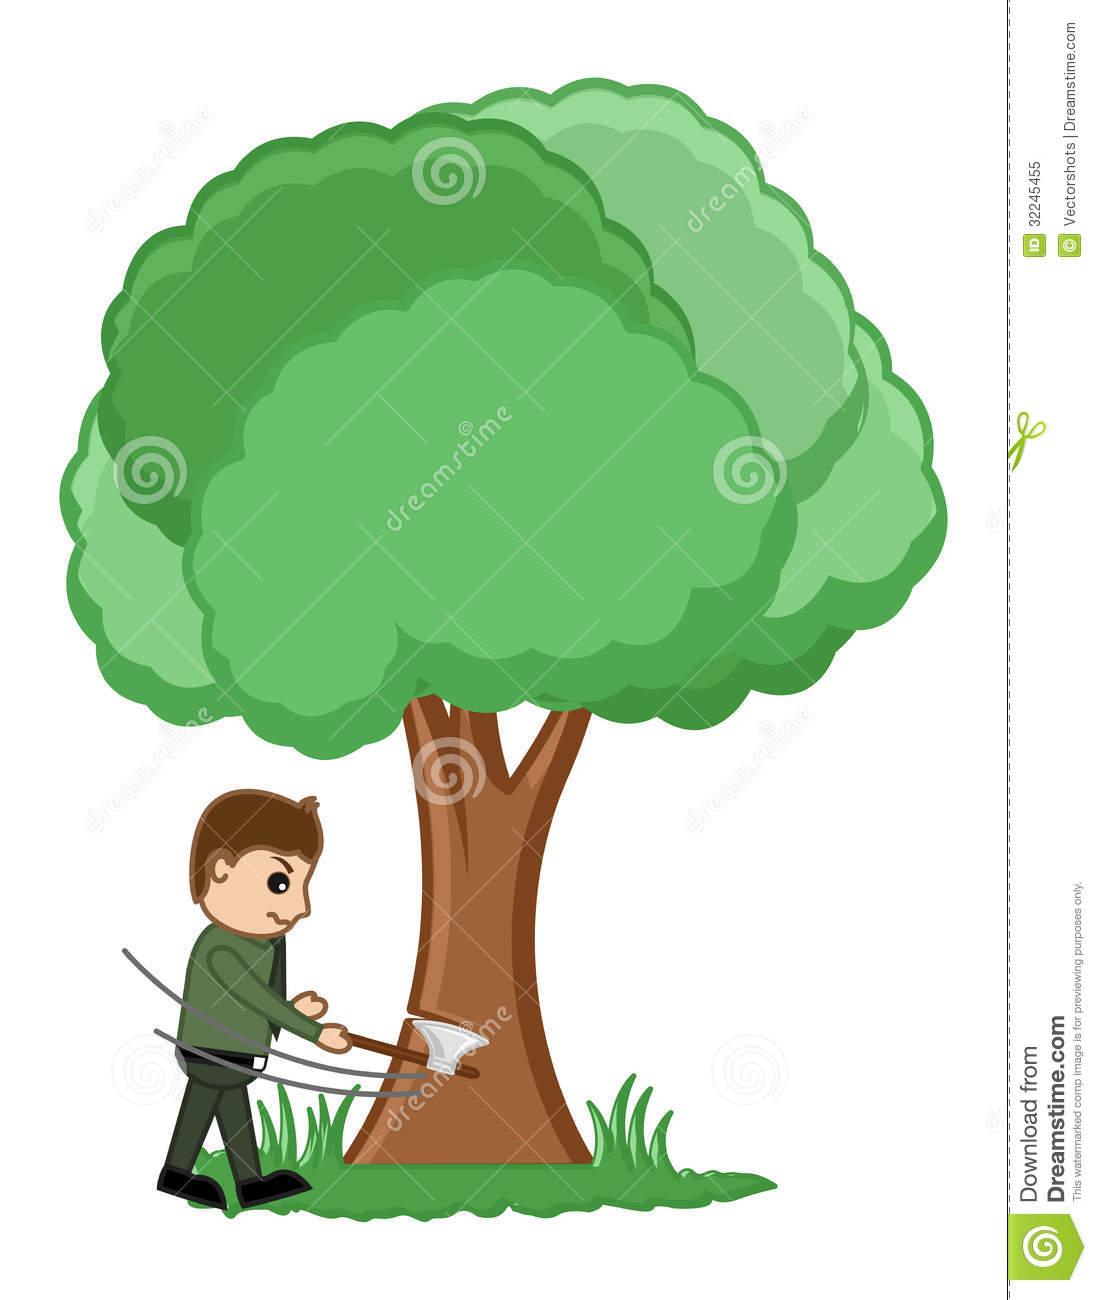 Cut tree clipart.